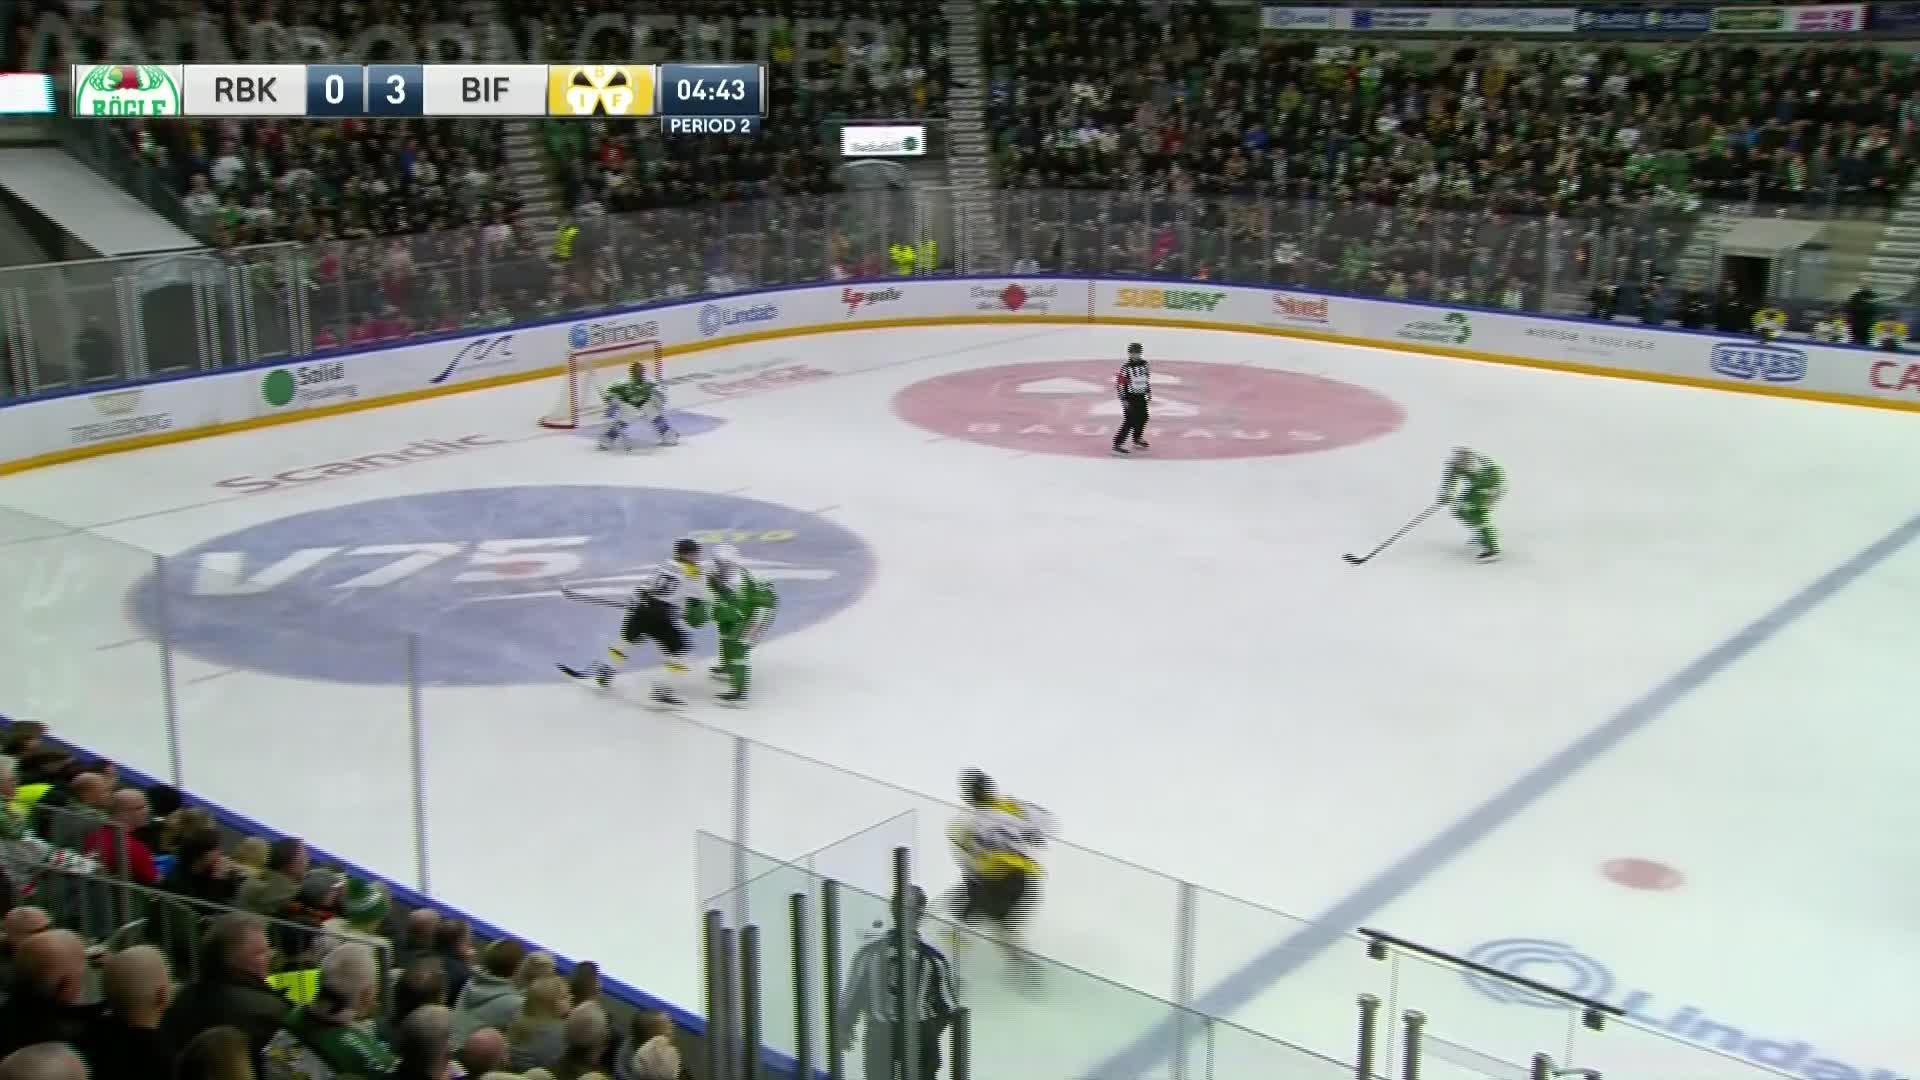 Rögle BK - Brynäs IF 0-4